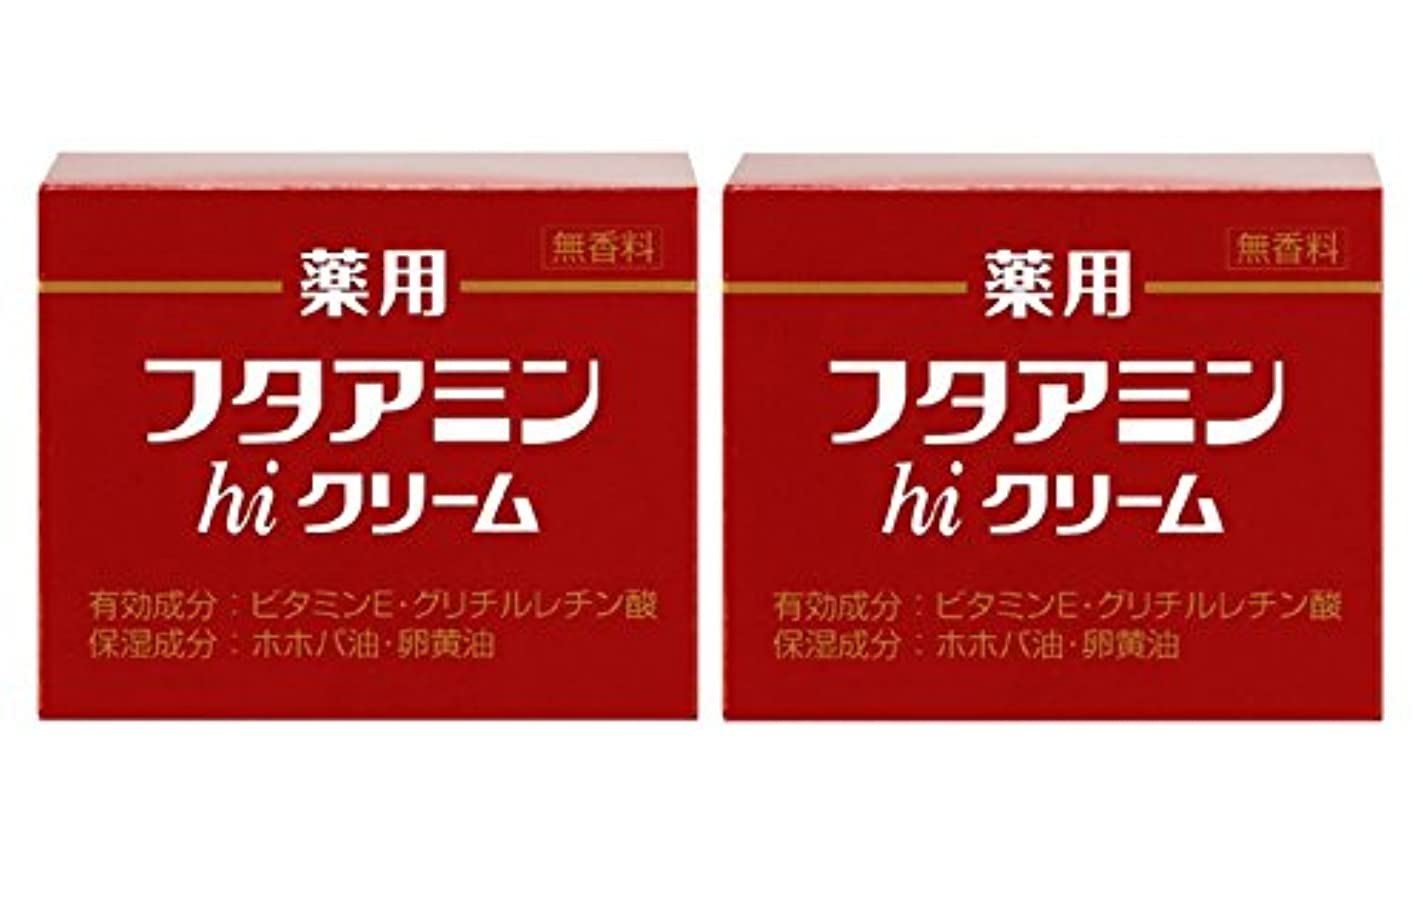 仮定する工夫する慎重に薬用フタアミンhiクリーム 55g×2個セット